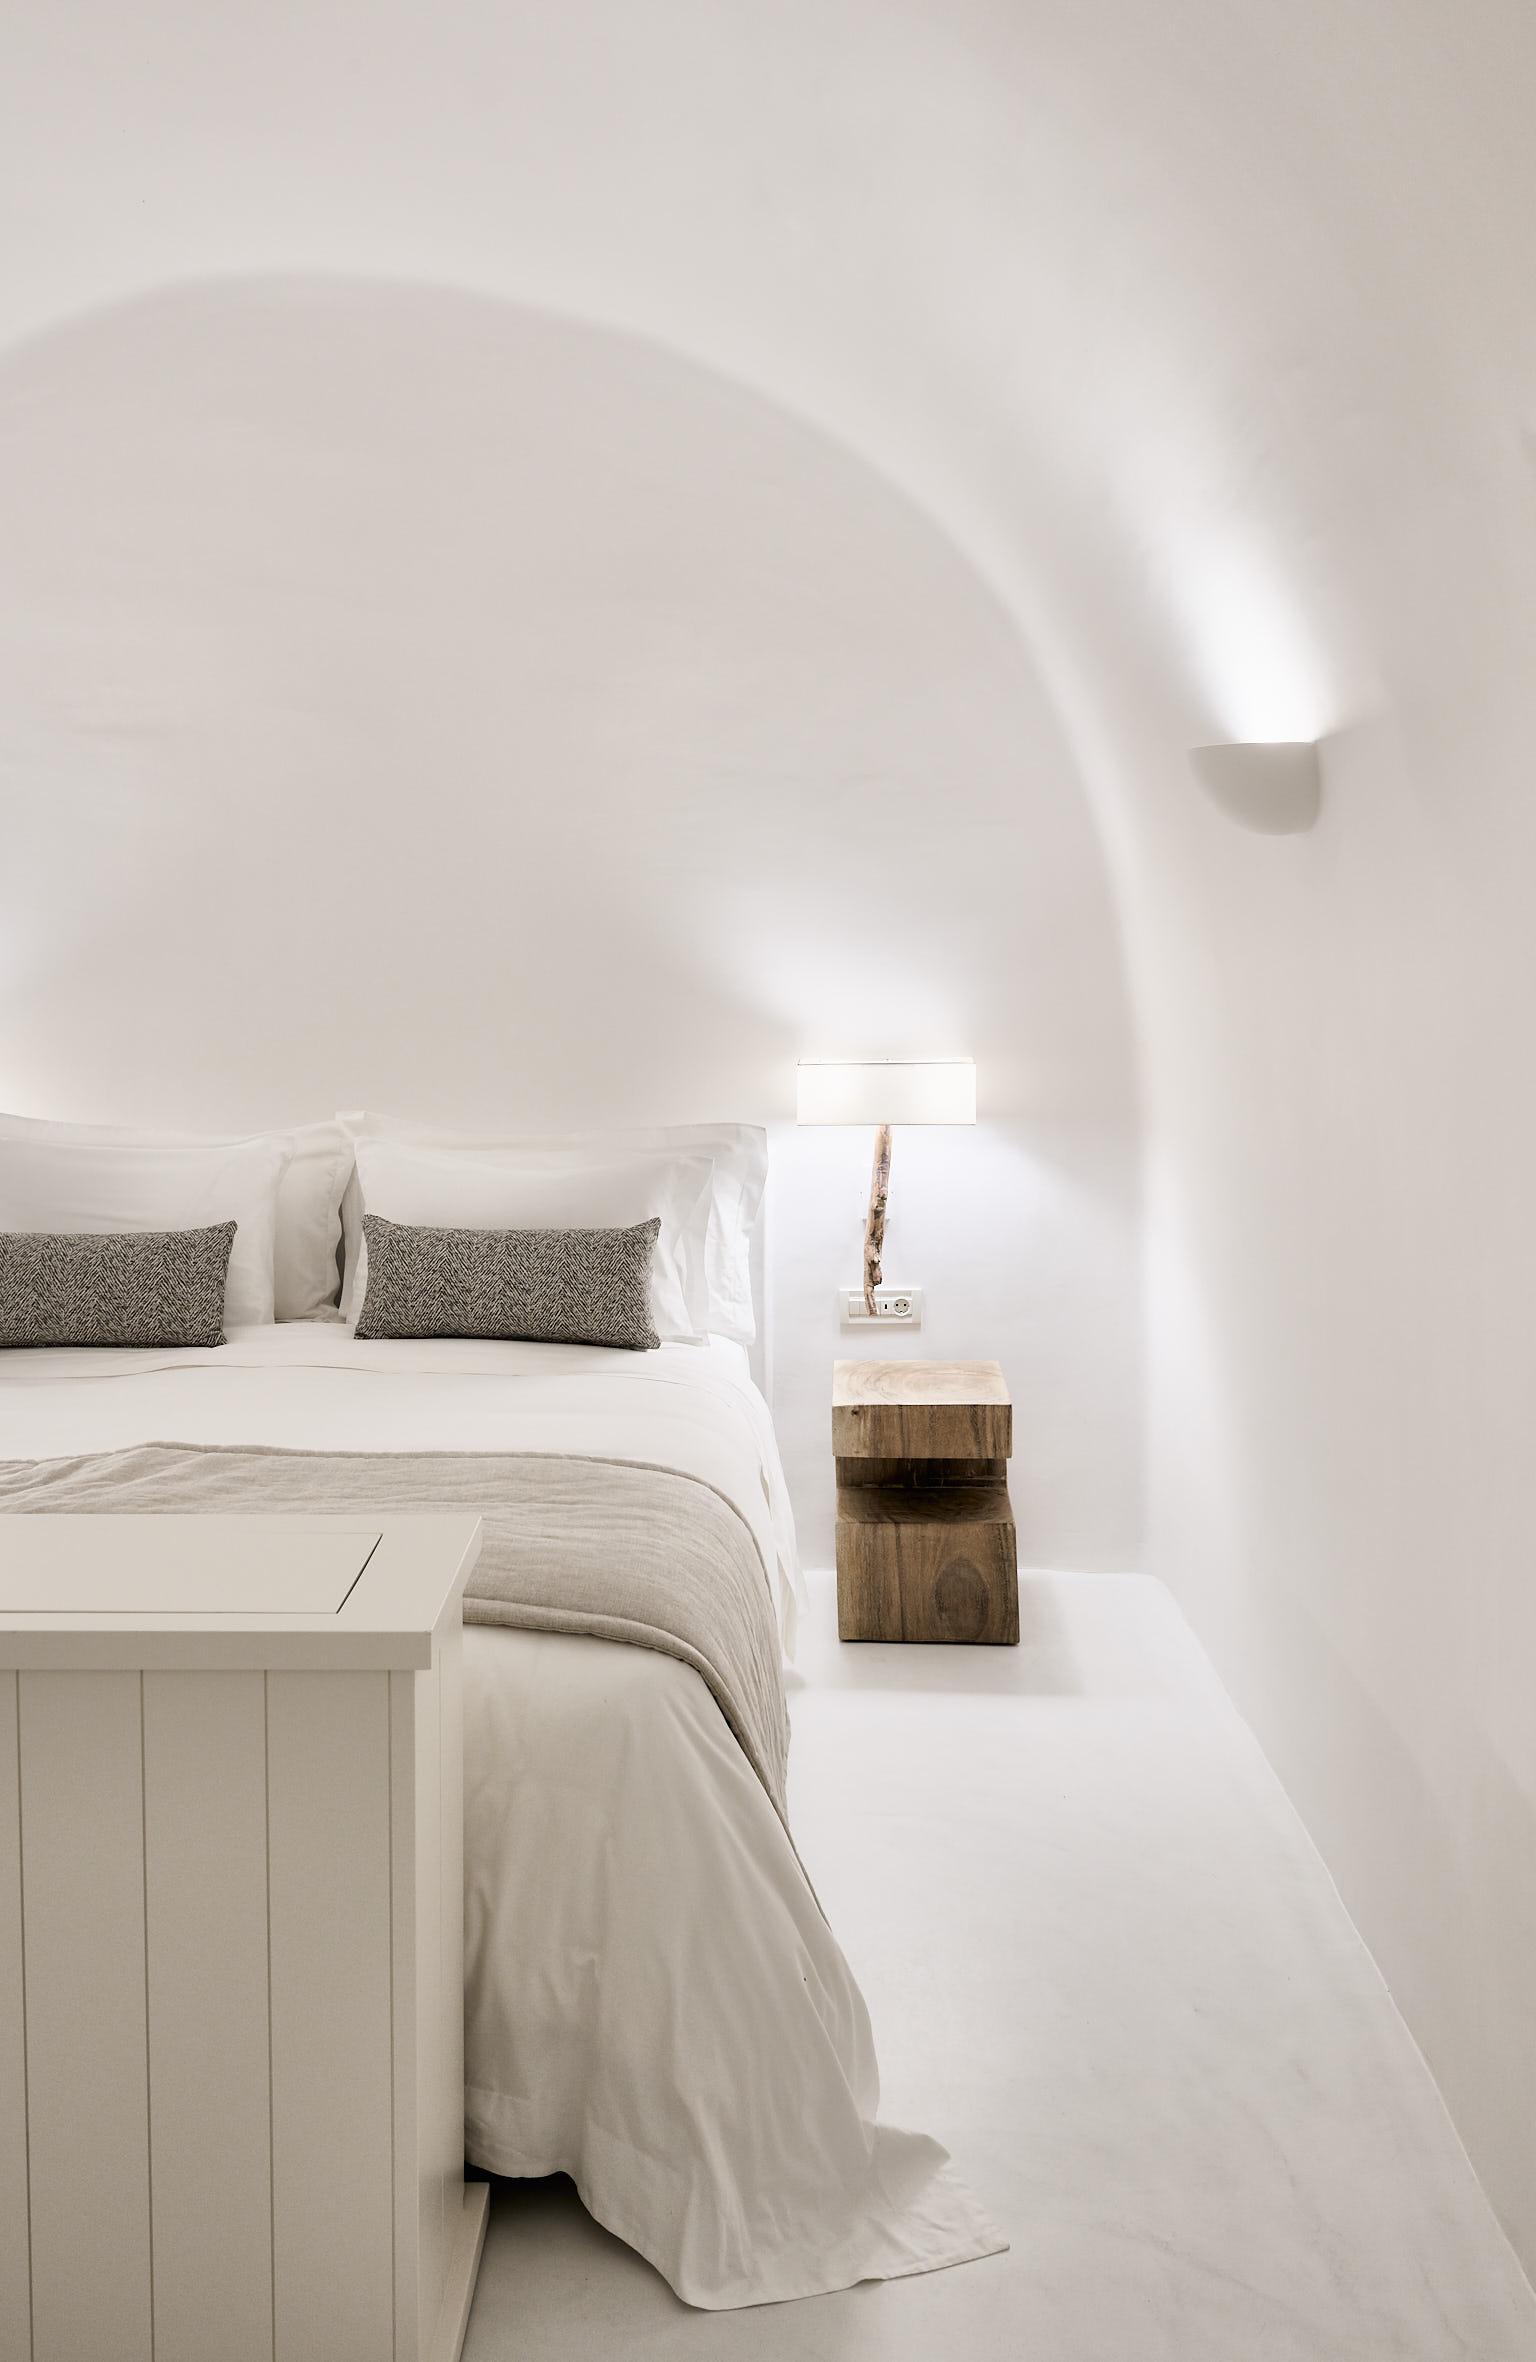 Cave in luxury bedroom of Mystique Hotel in Santorini